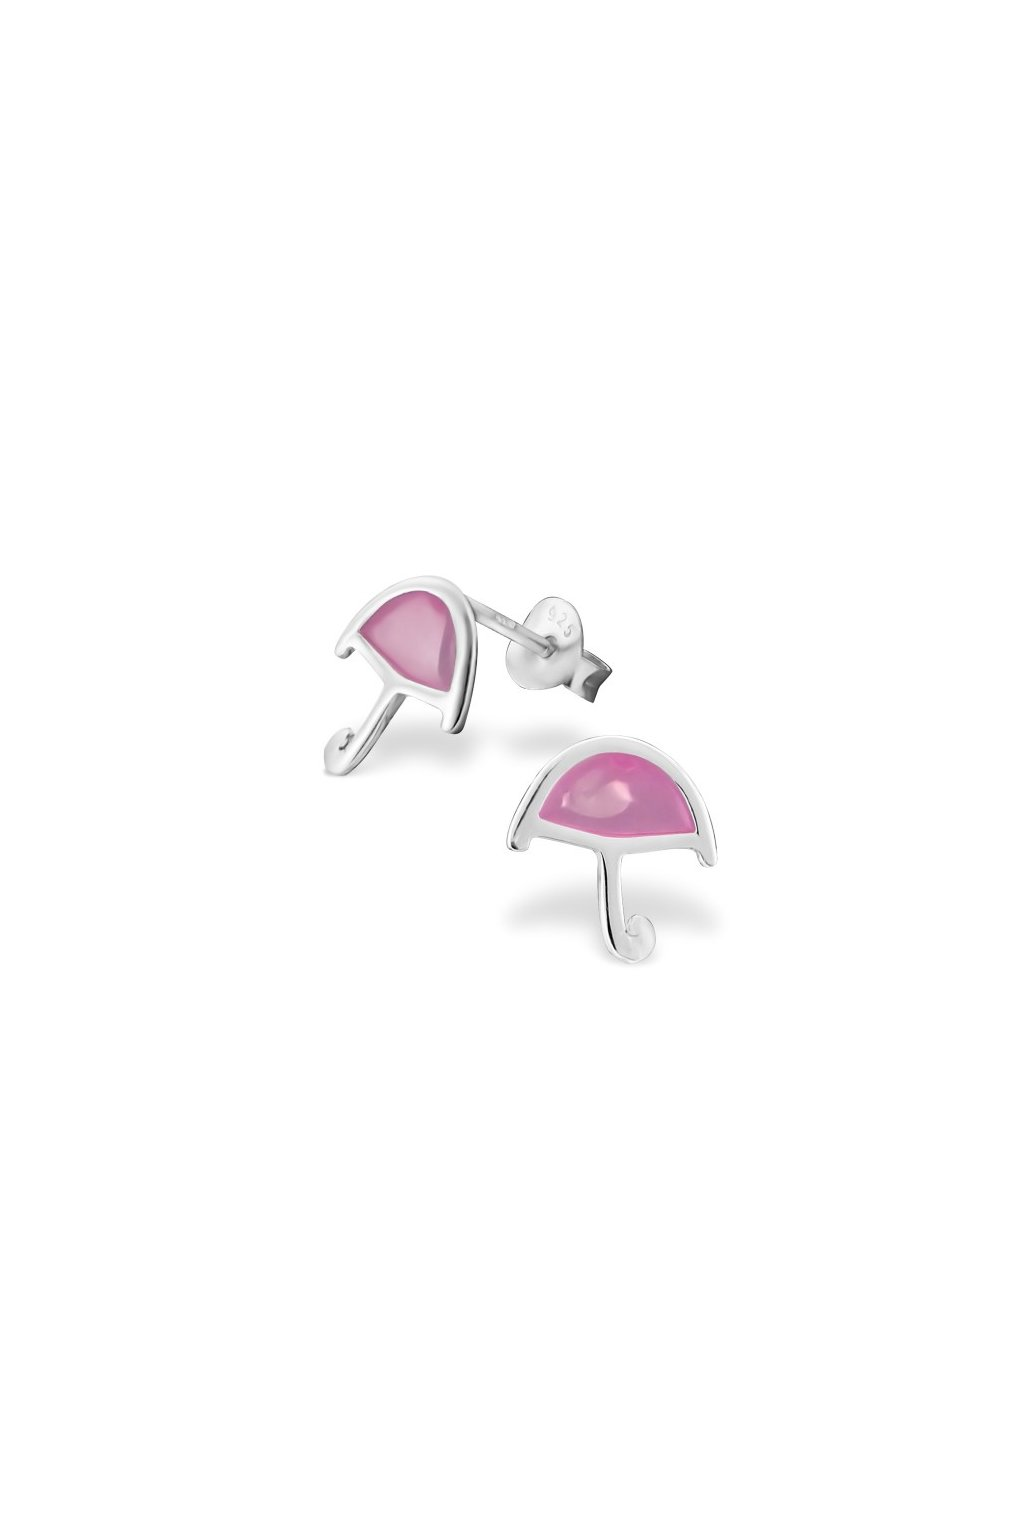 Strieborné náušnice dáždniky- 925 ružová epoxidová farba MS16268